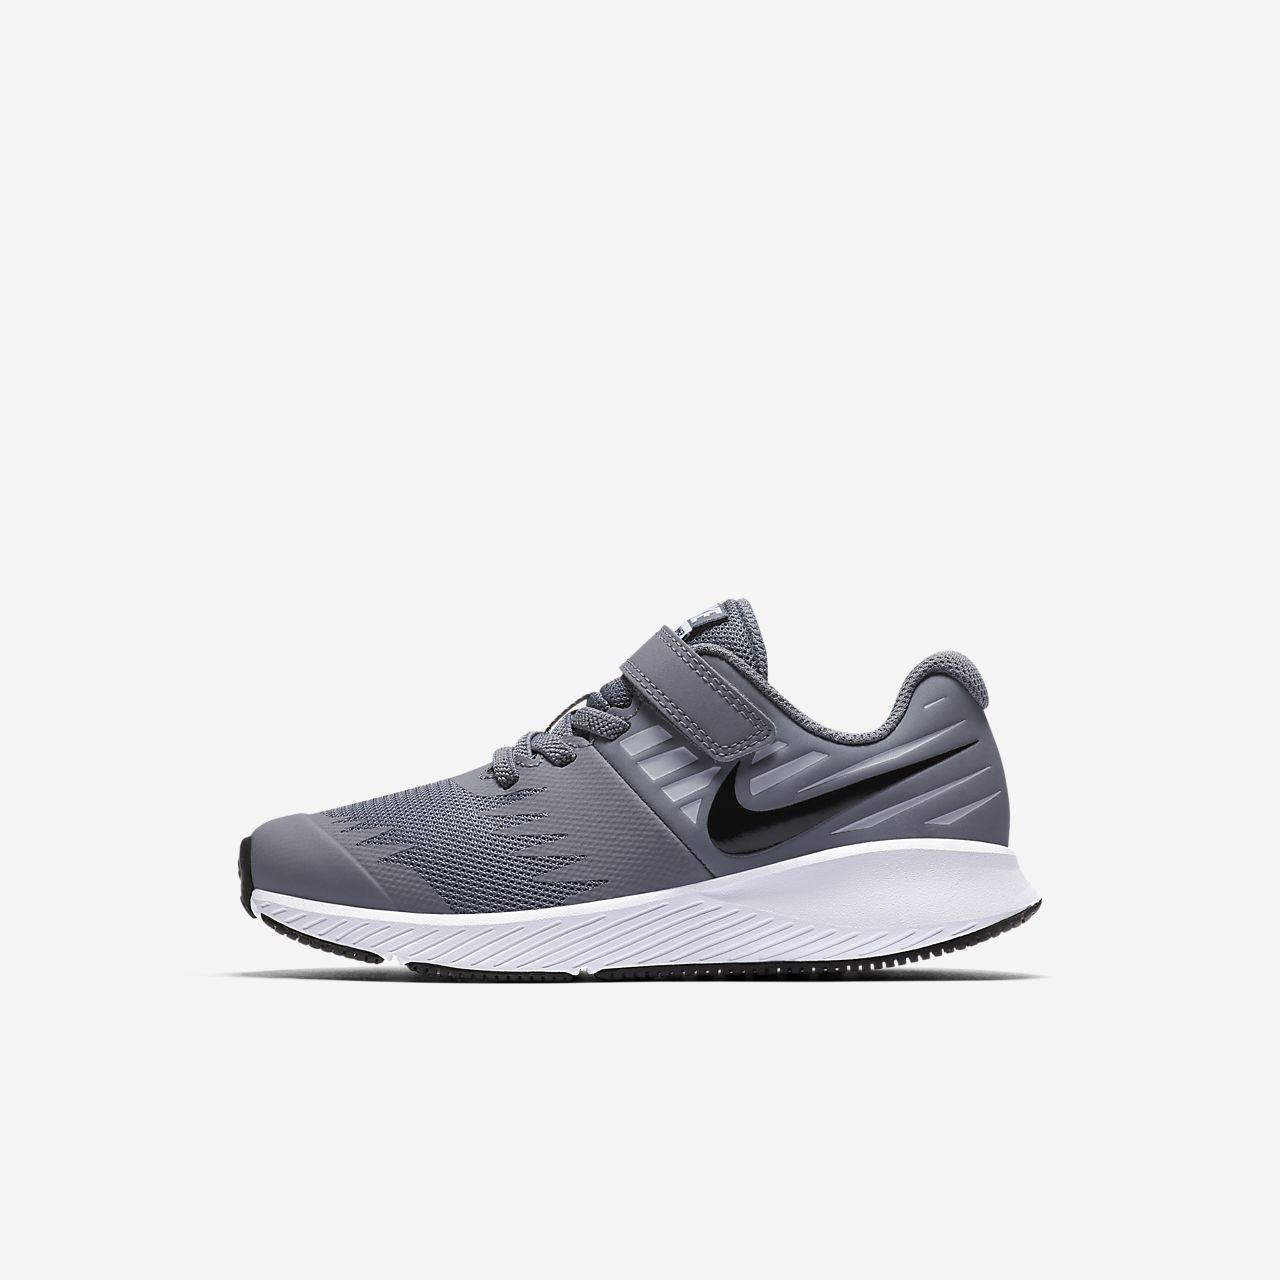 c1e5d34d005 Nike Star Runner Younger Kids  Shoe. Nike.com ID